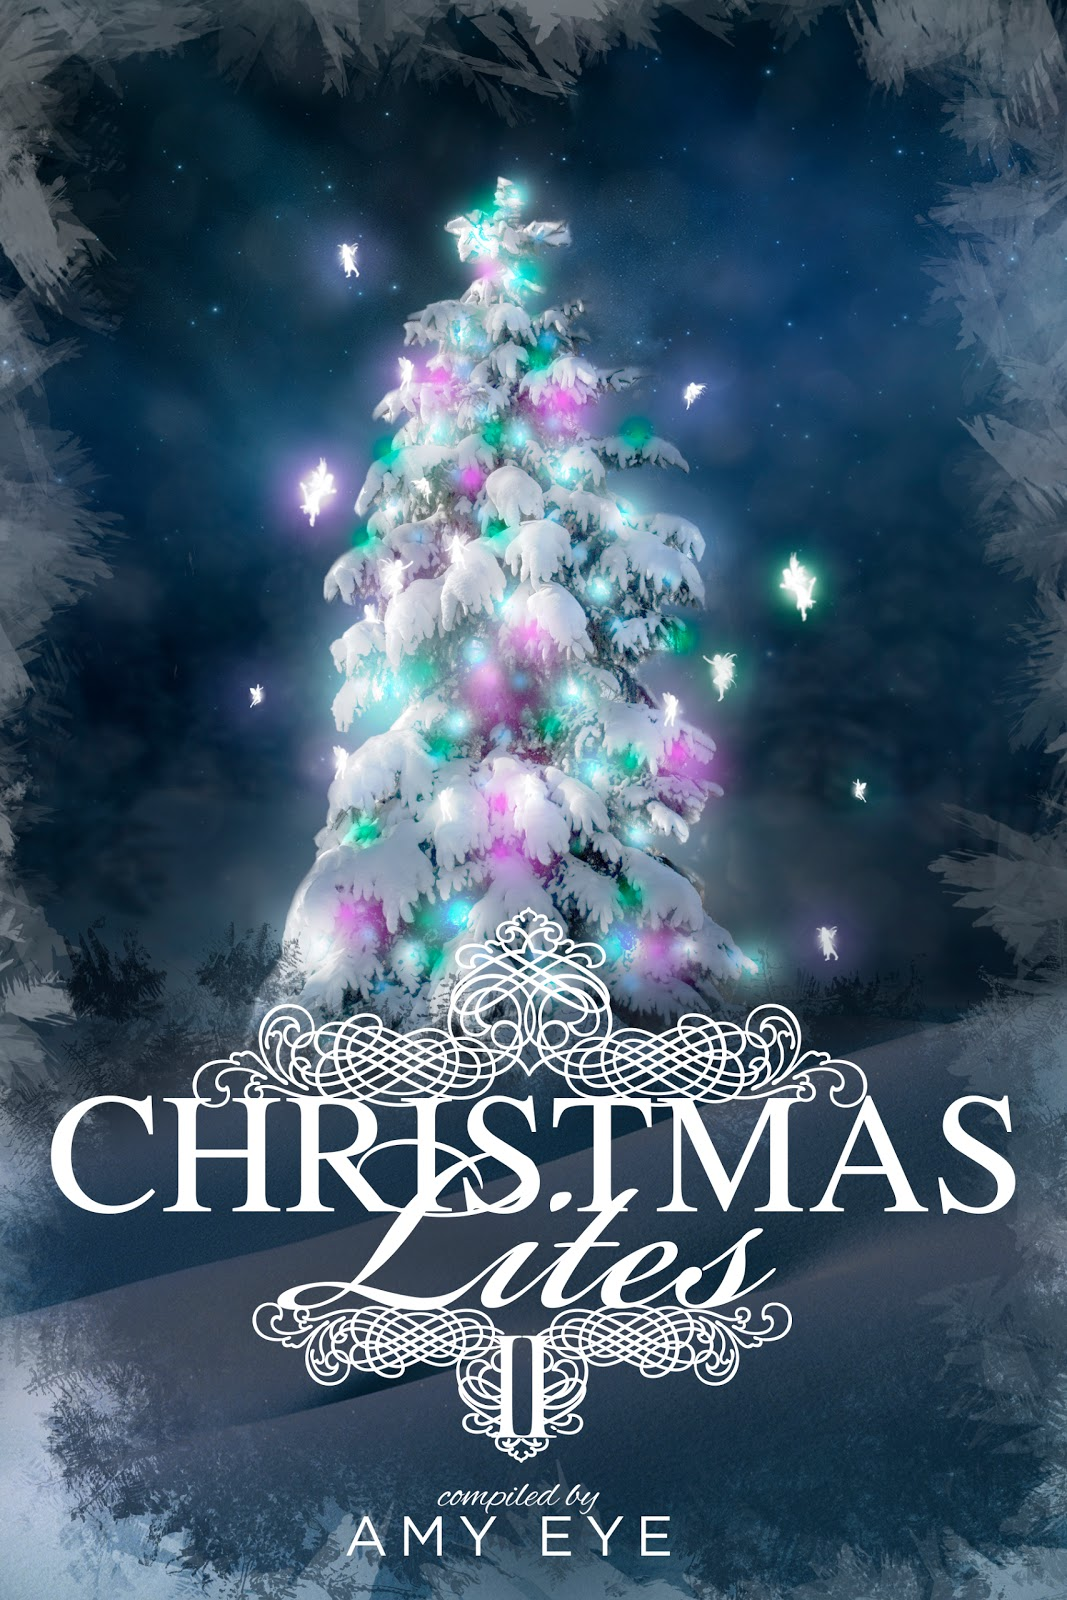 http://4.bp.blogspot.com/-RbVgmQ8SA6E/UMUUt7gf-CI/AAAAAAAAAGw/T_biMpTsAdI/s1600/Christmas+Lites+II+5th+version+print.jpg